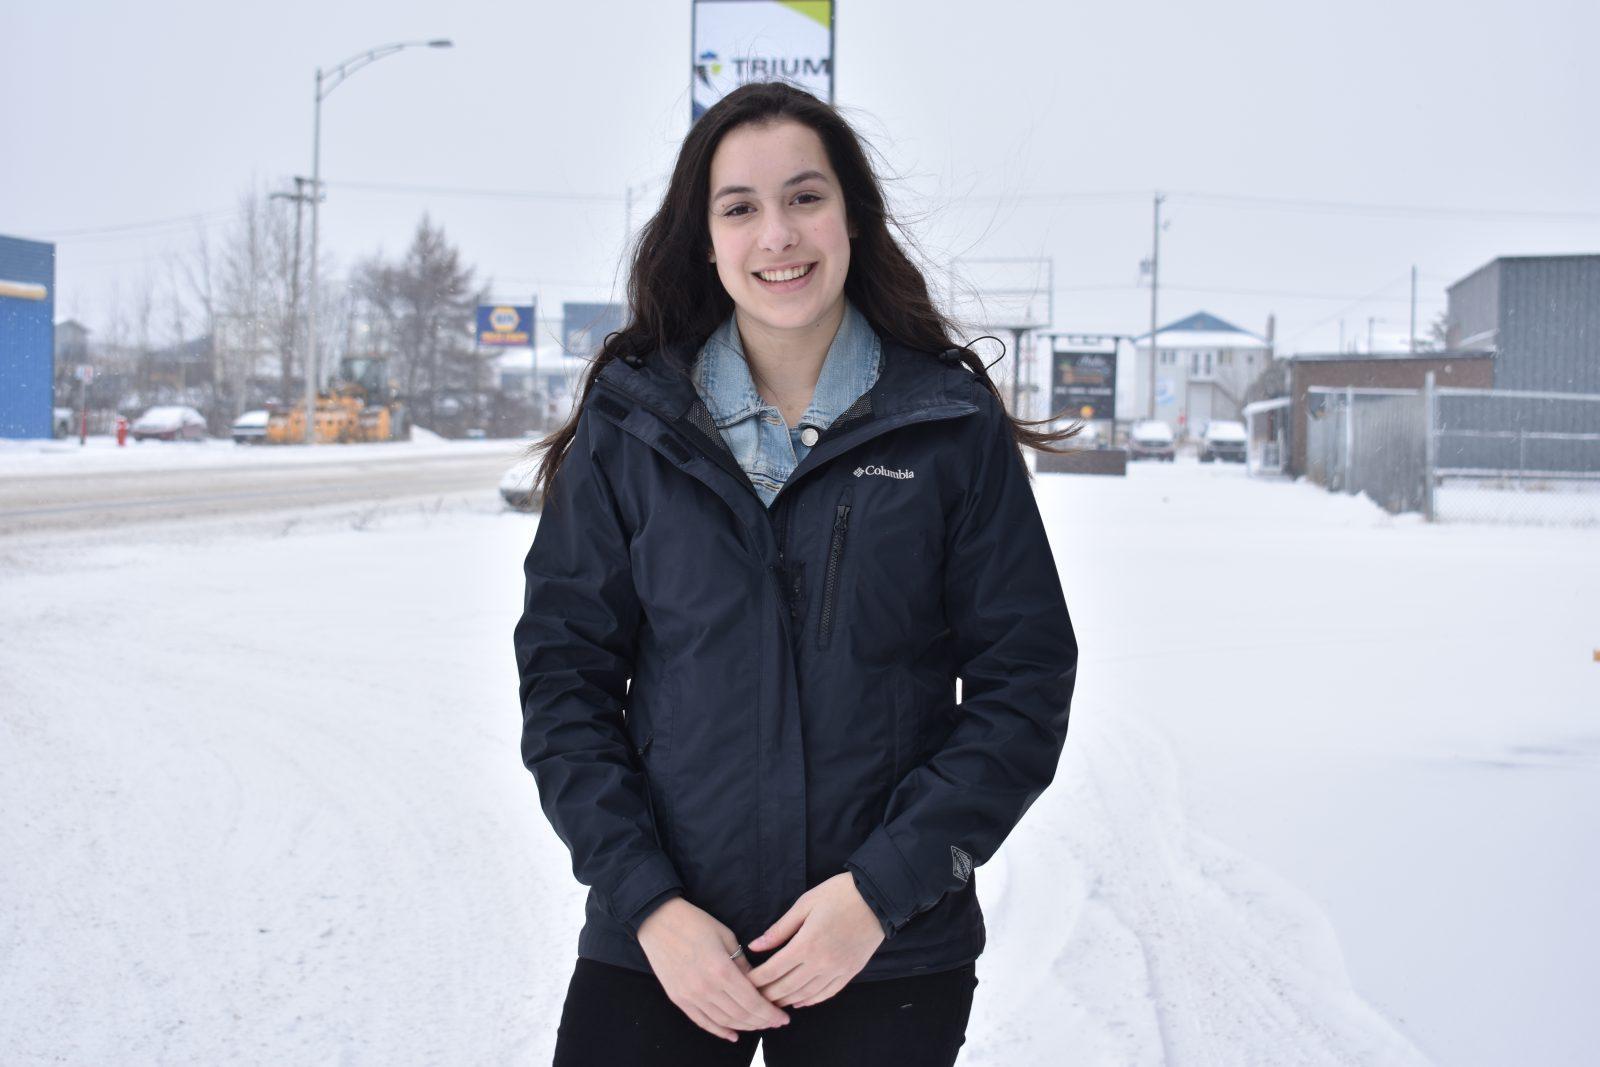 Soirée pour la SLA : une étudiante veut faire une différence à sa façon